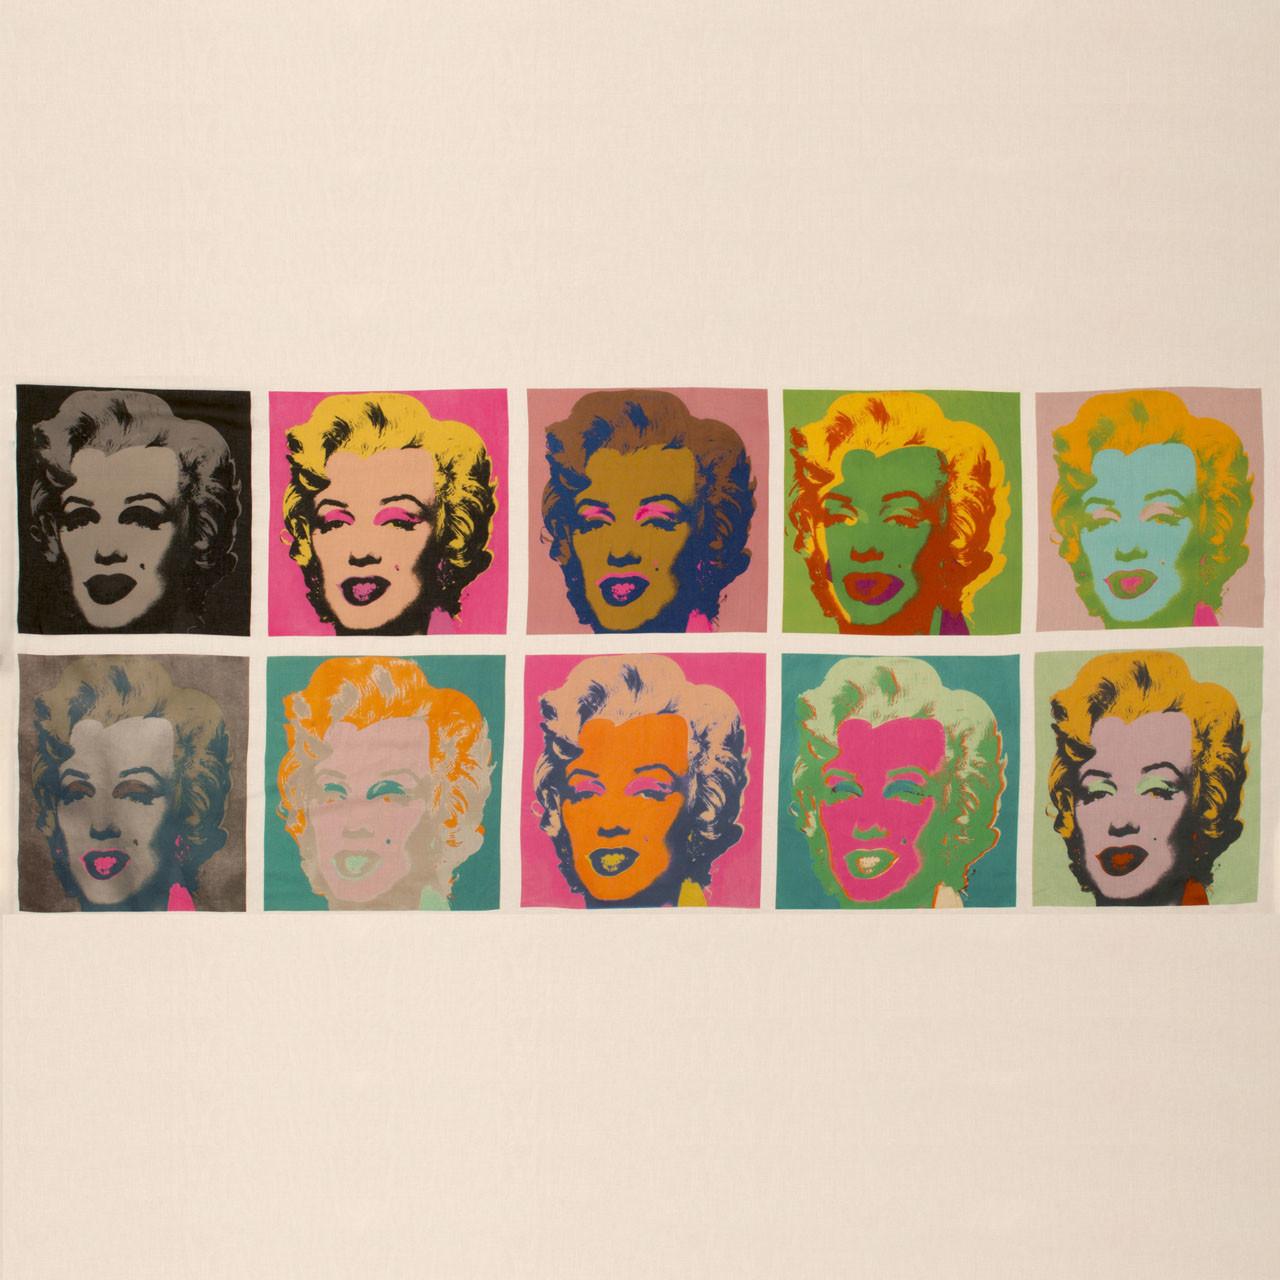 Артикул Freezone 61. Размер тюлевого полотна - шир.290 см выс.300 см; размер рисунка 155х140 см; состав - 100% полиэстер